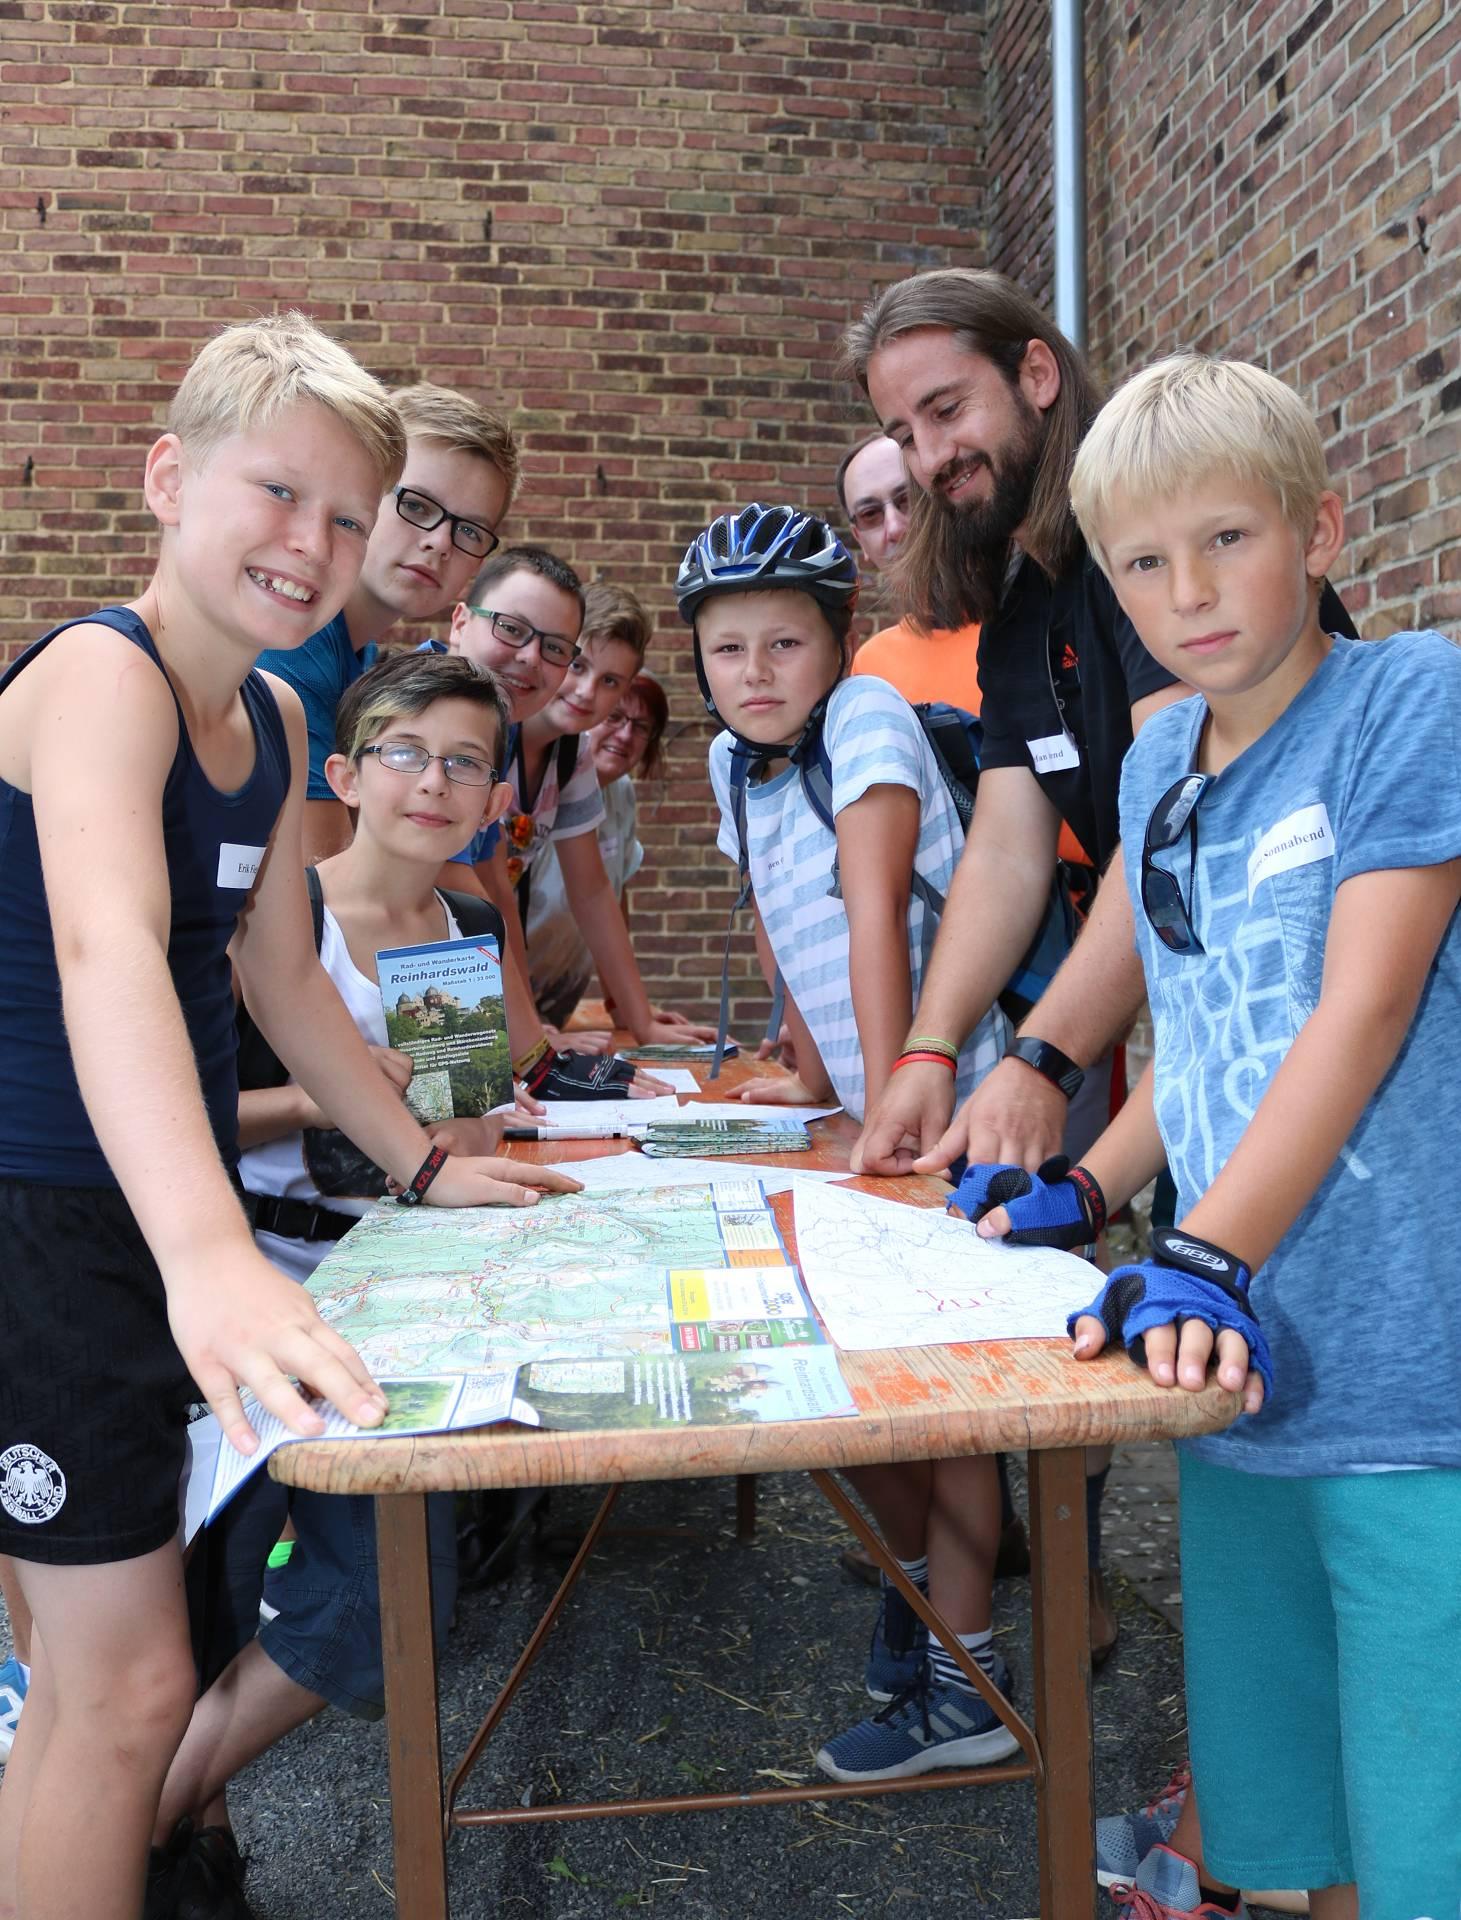 """Beim Thema """"Fahrrad"""" lernen die Kinder vor der Tour die Technik der Räder kennen und kleine Reparaturen selbst durchzuführen. Mit dem Radverkehrsbeauftragten des Landreises, Stefan Arend, wurden die Karten studiert."""